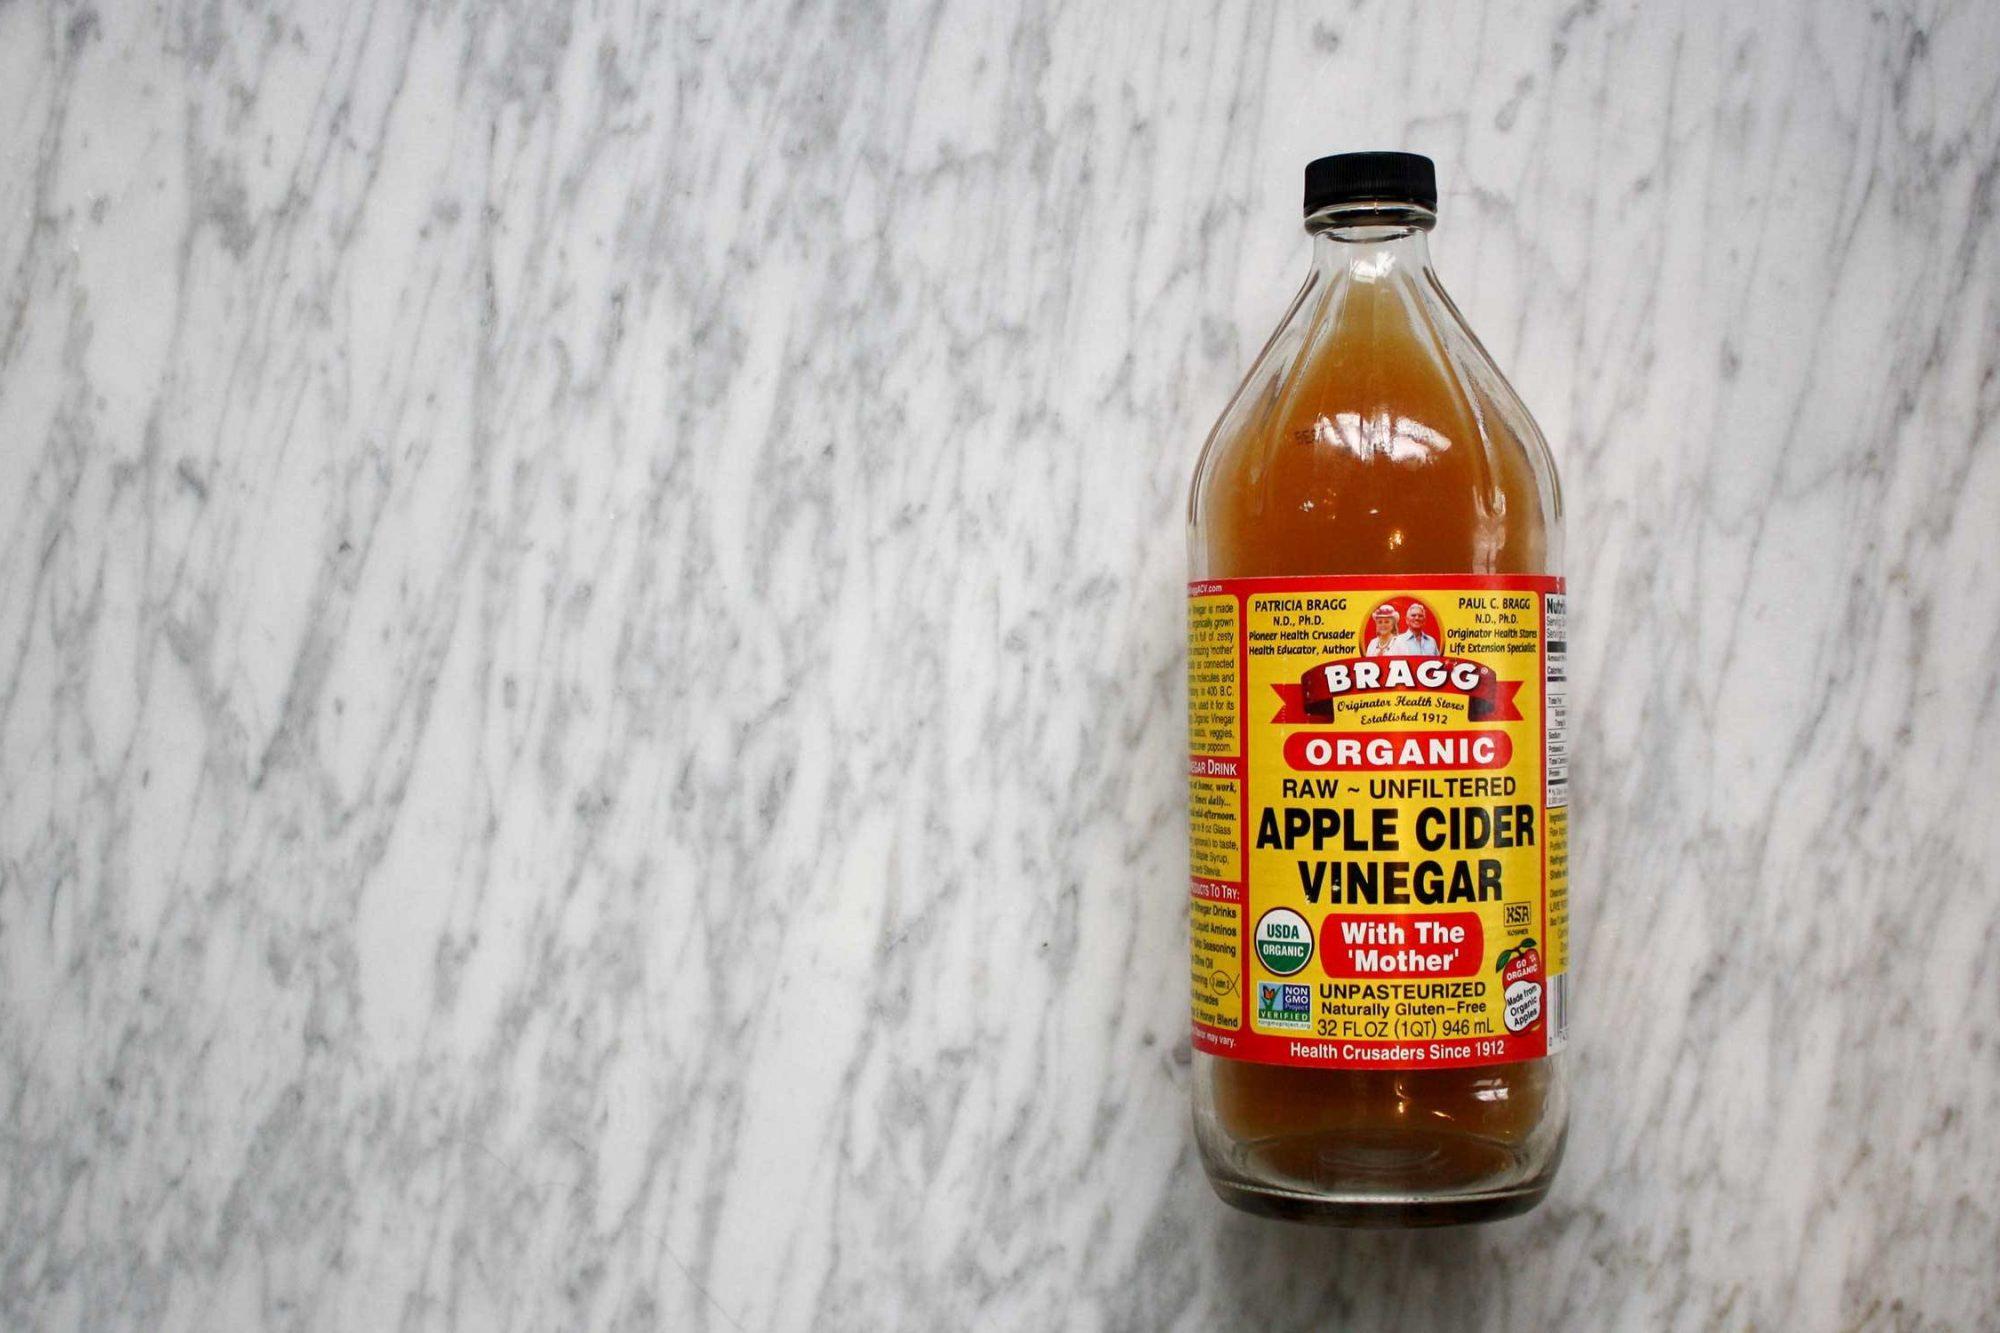 EC: Does Apple Cider Vinegar Go Bad?